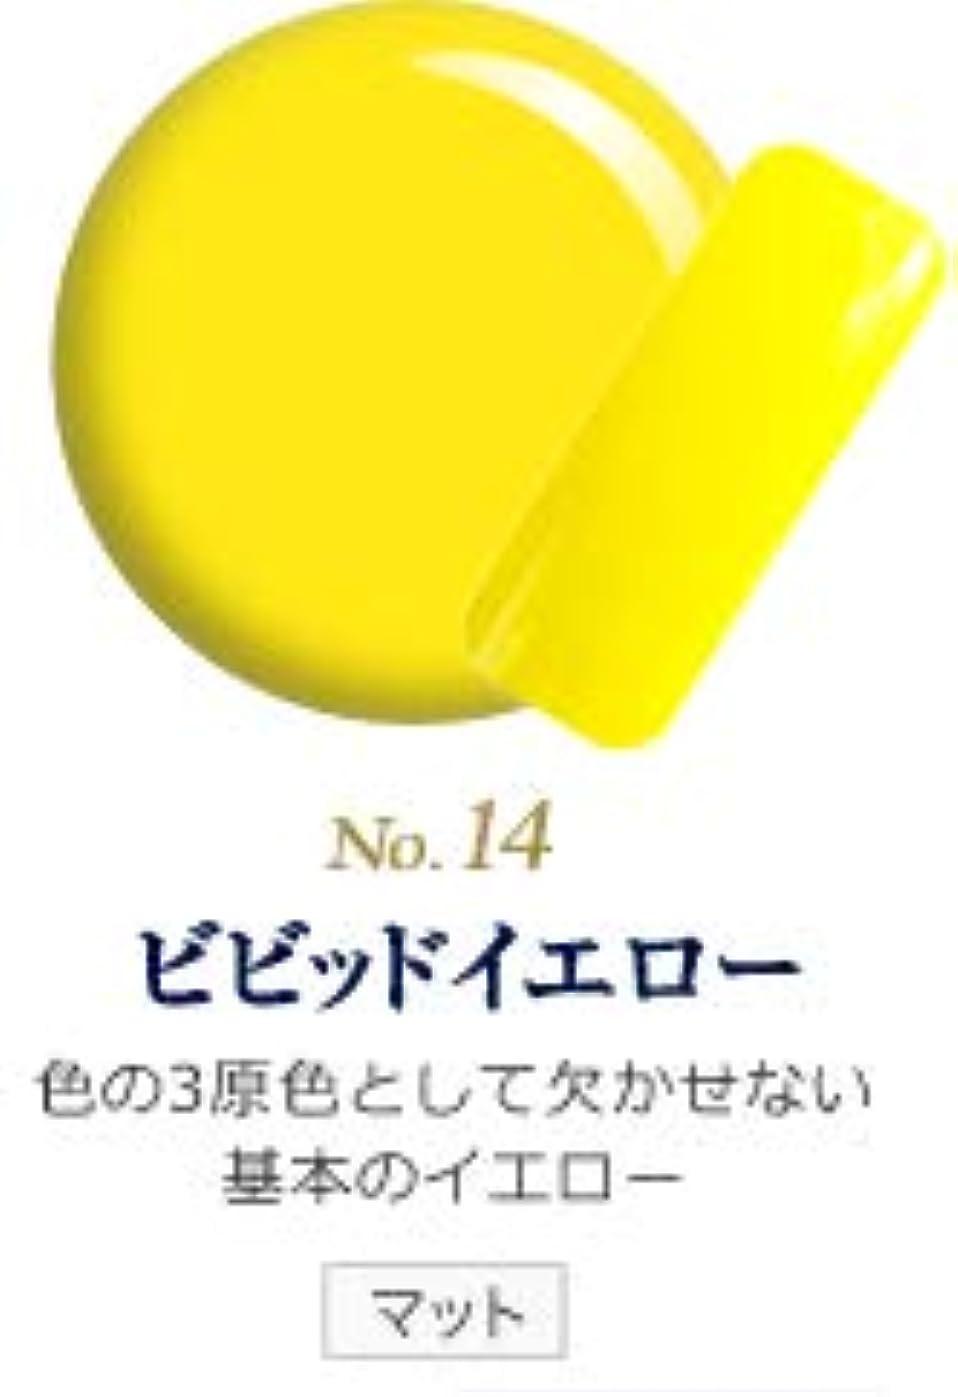 アグネスグレイ知覚できる同様のカラージェル 発色抜群 削らなくてもオフが出来る 新グレースジェルカラーNo.11~No.209 (ビビッドイエロー)